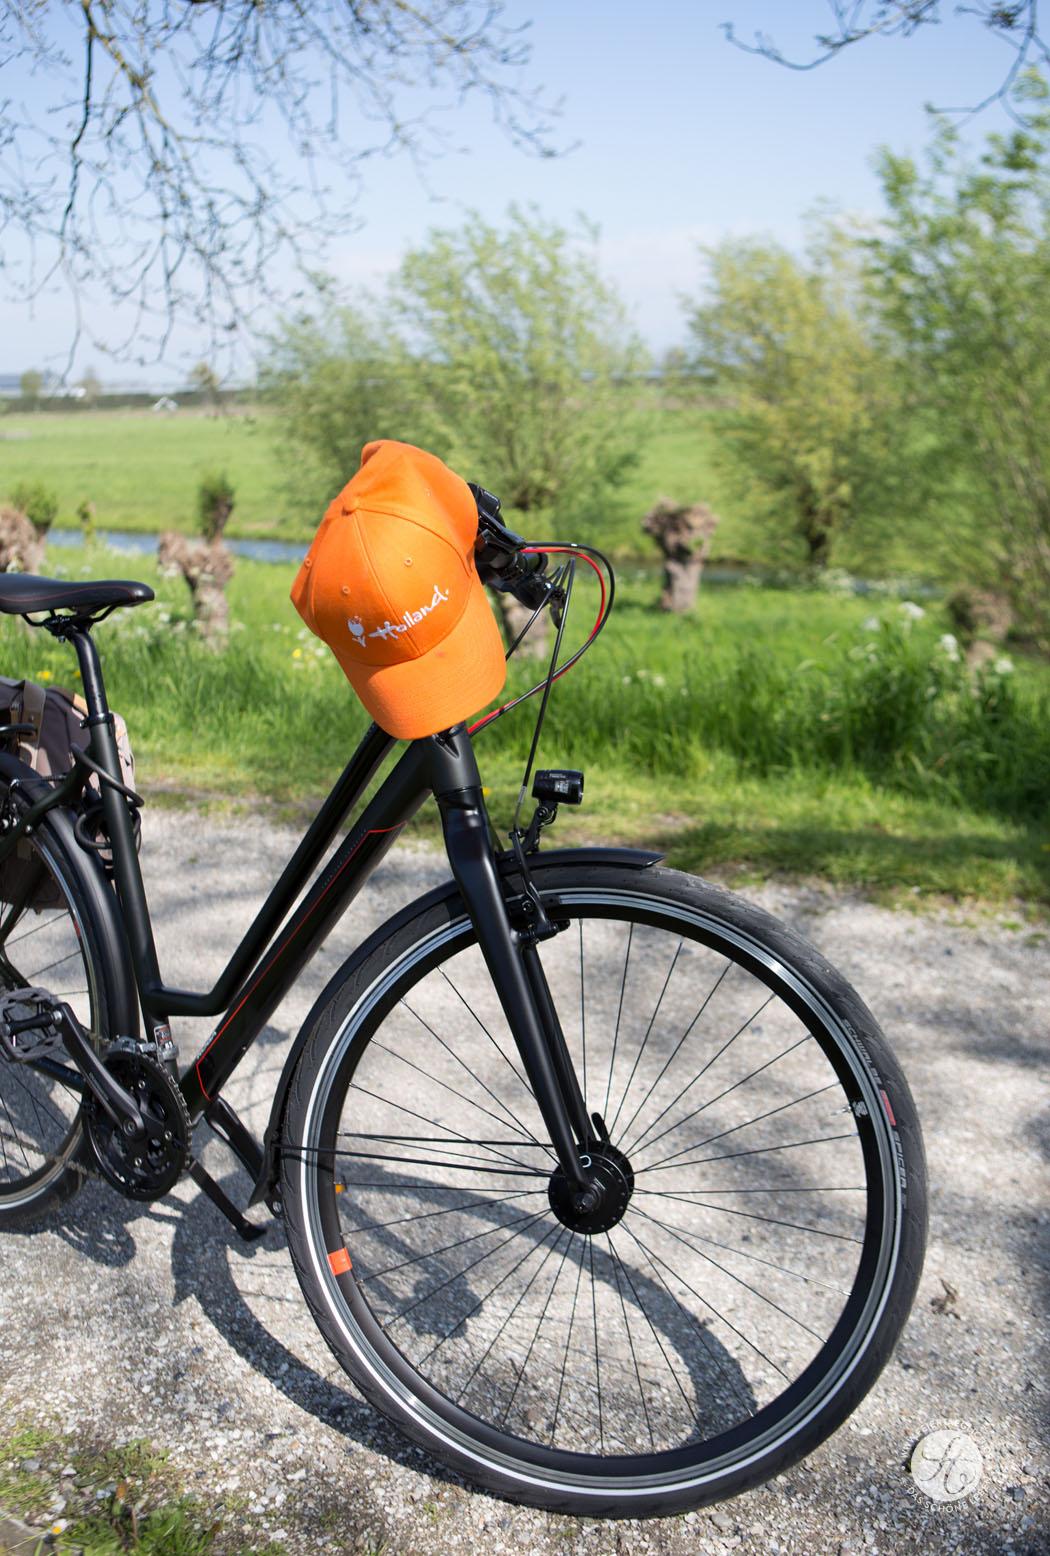 Fahrrad, lekker radeln – Ein Wochenende in Holland mit dem Fahrrad unterwegs (+ Radrouten mit Karten und GPS-Daten)